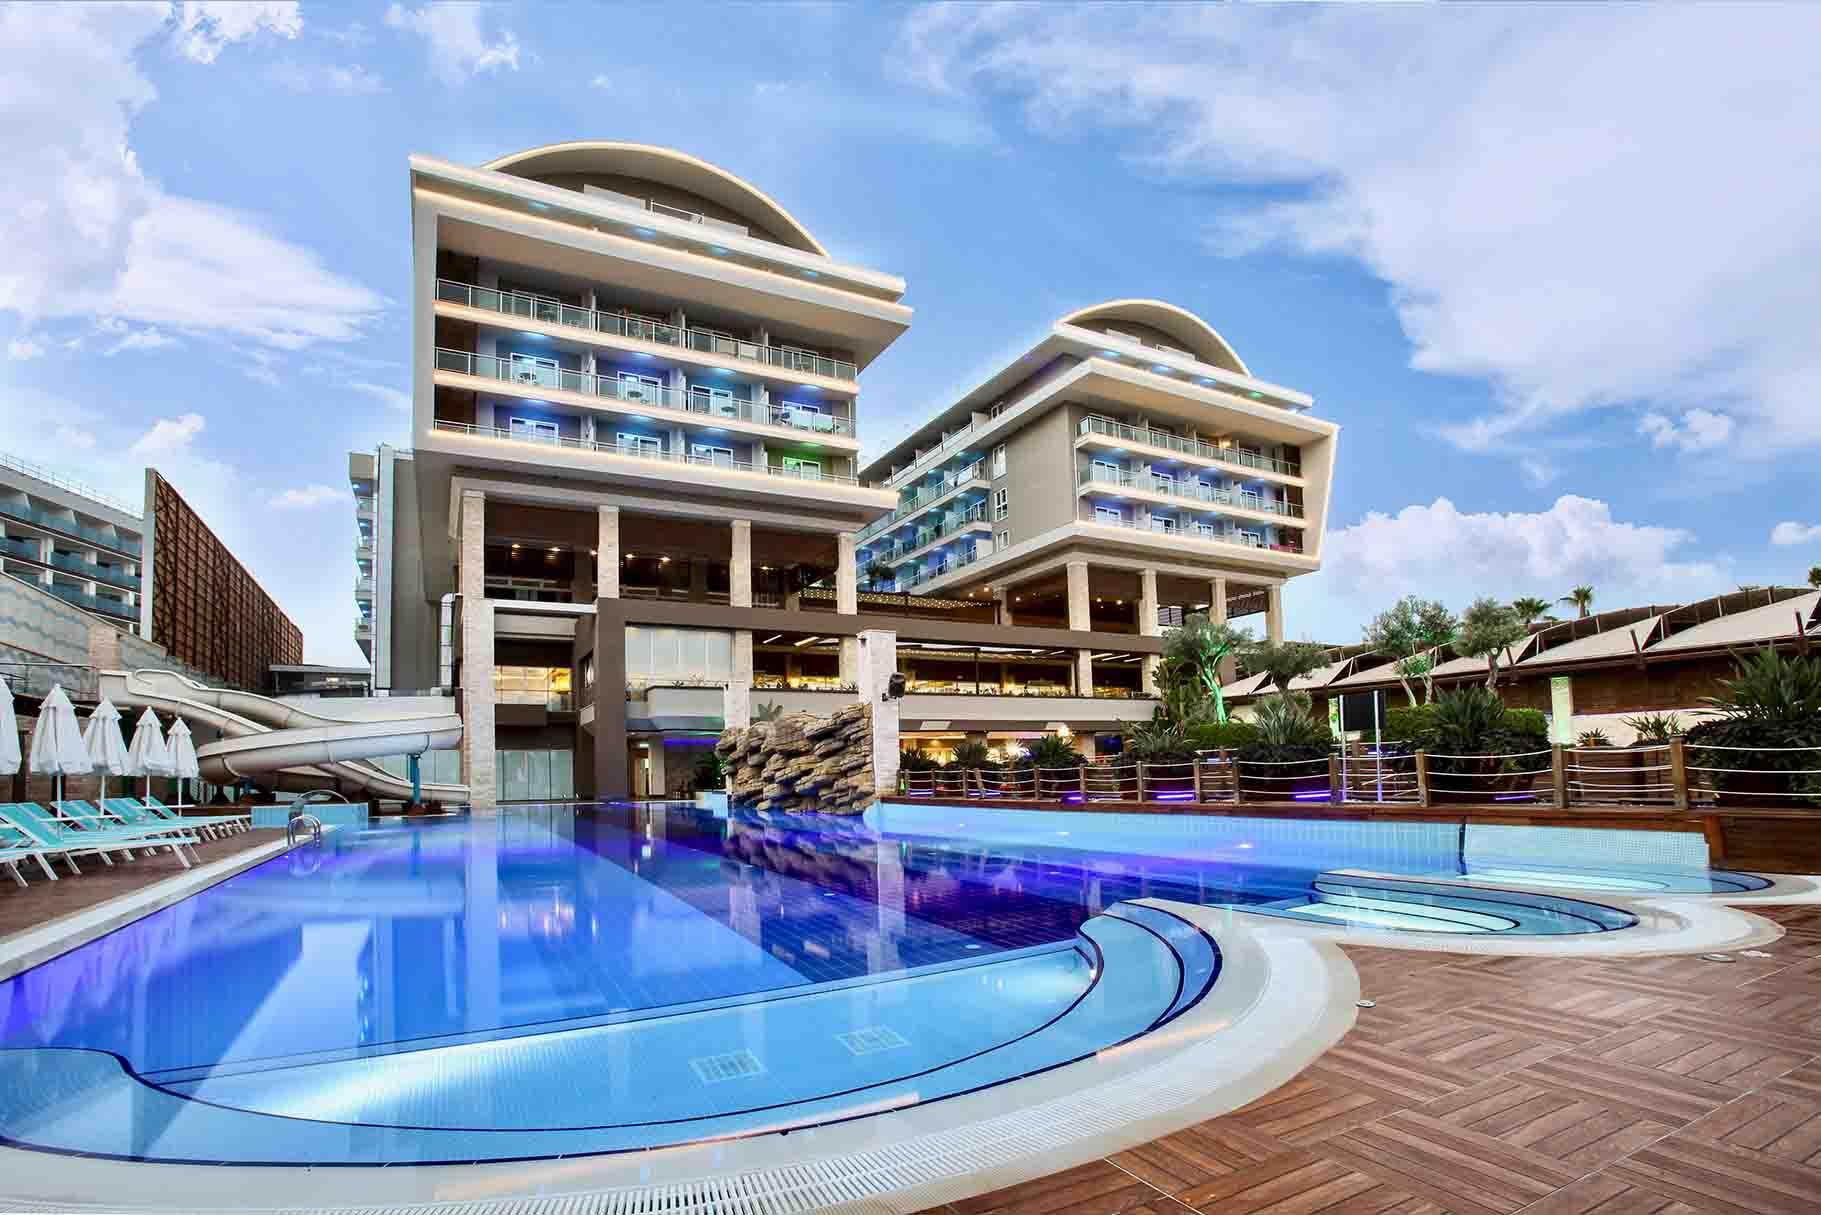 ADENYA HOTEL262291